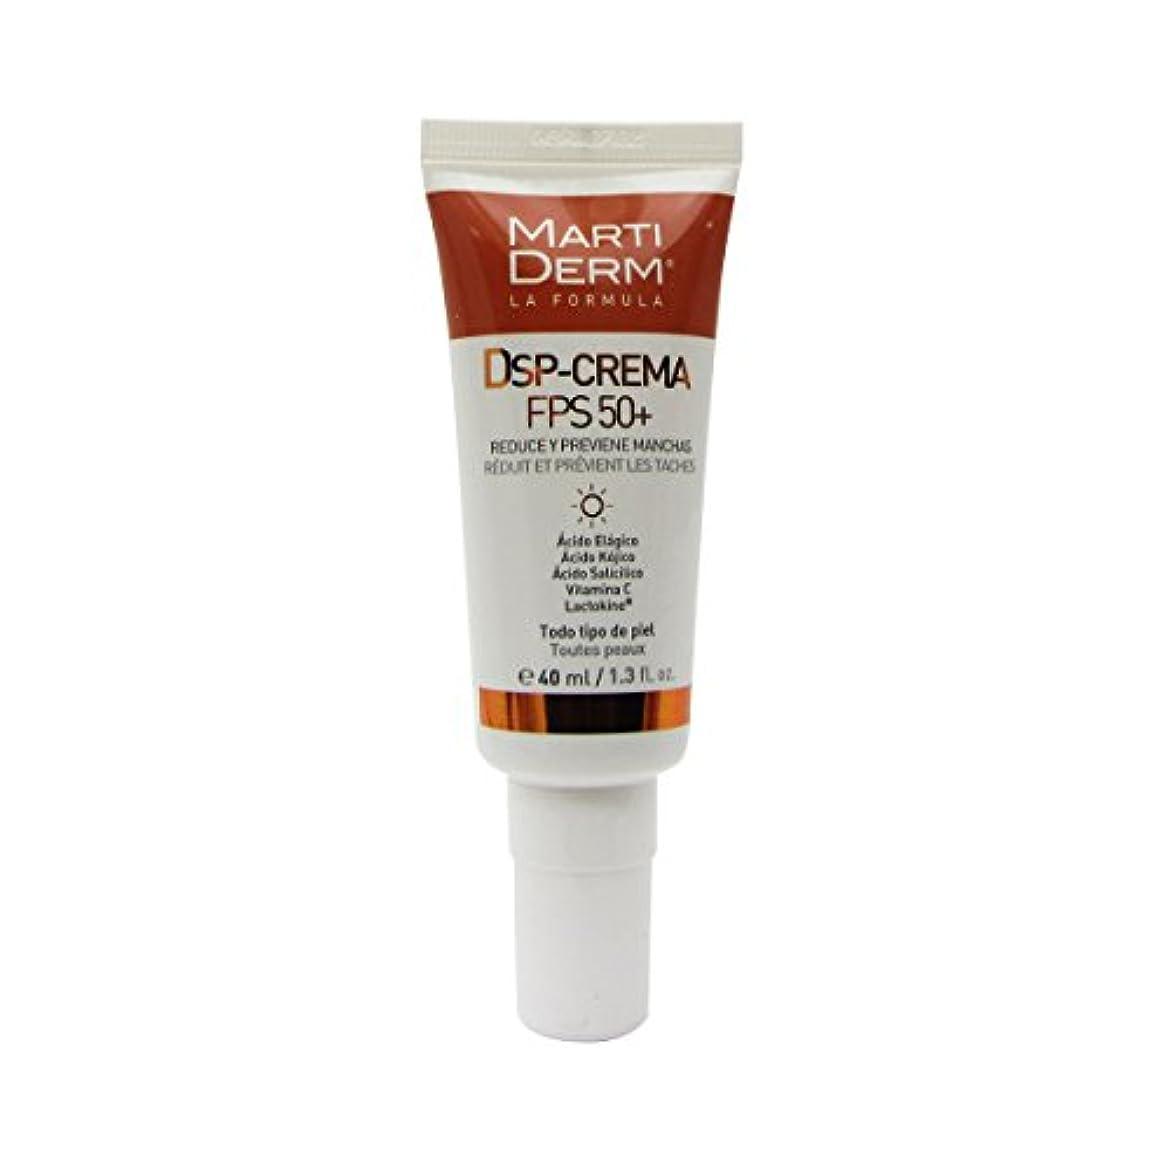 背景ネコヒギンズMartiderm Pigment Zero Dsp-cream Spf50+ 40ml [並行輸入品]